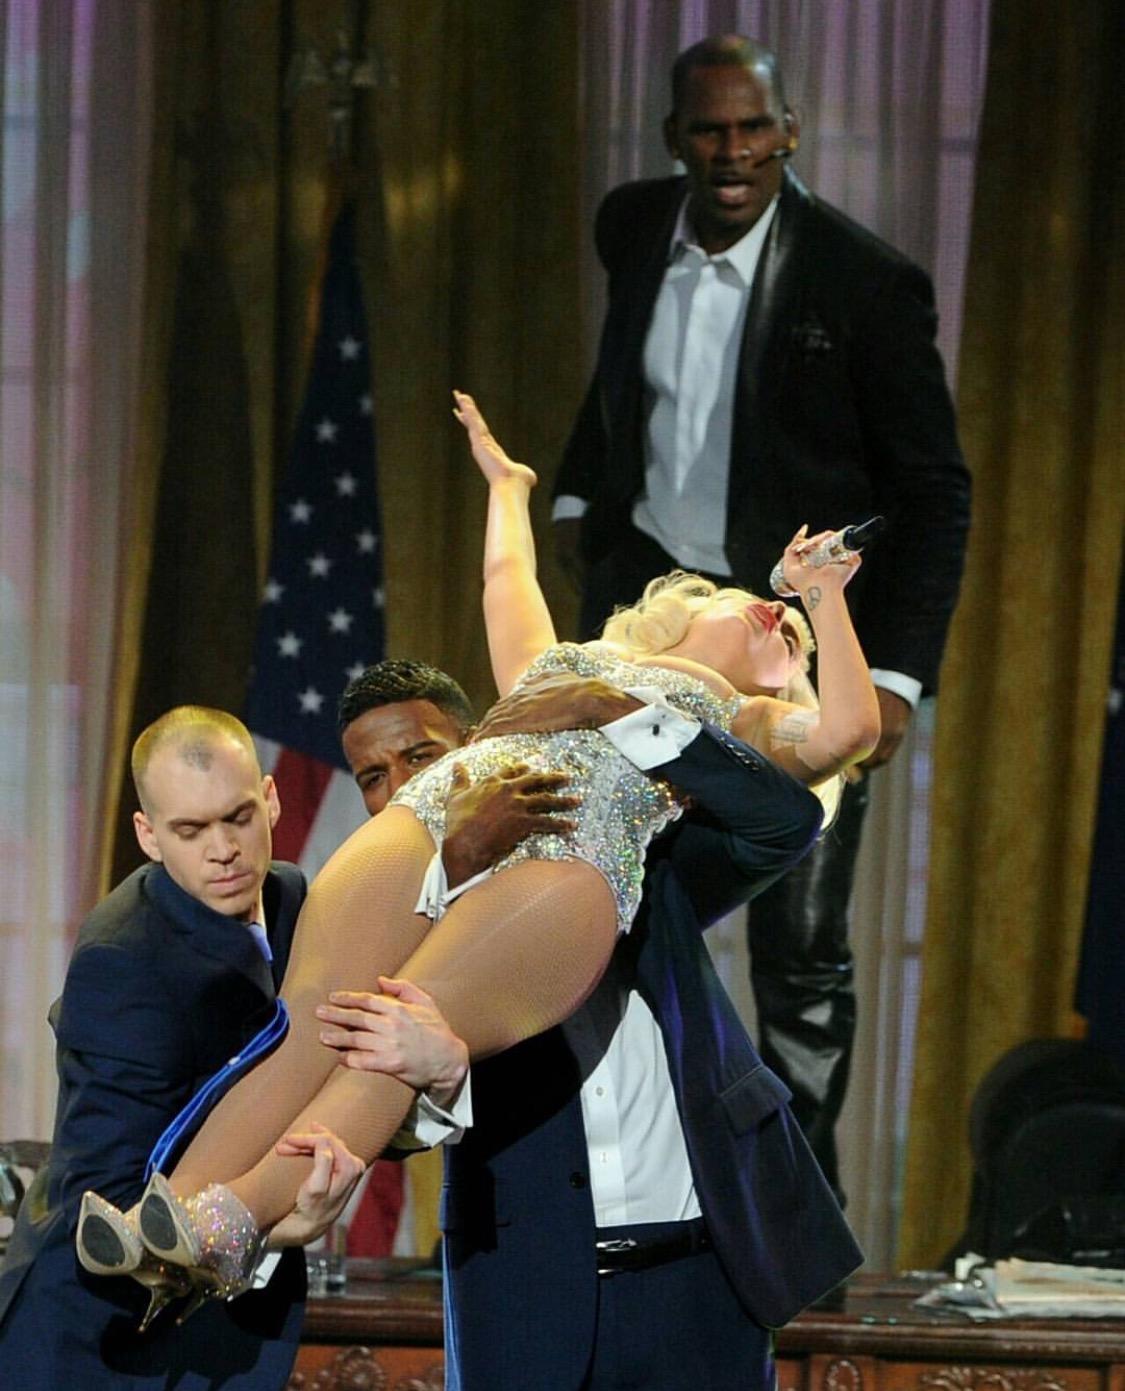 American Music Awards with Lady Gaga & R. Kelly